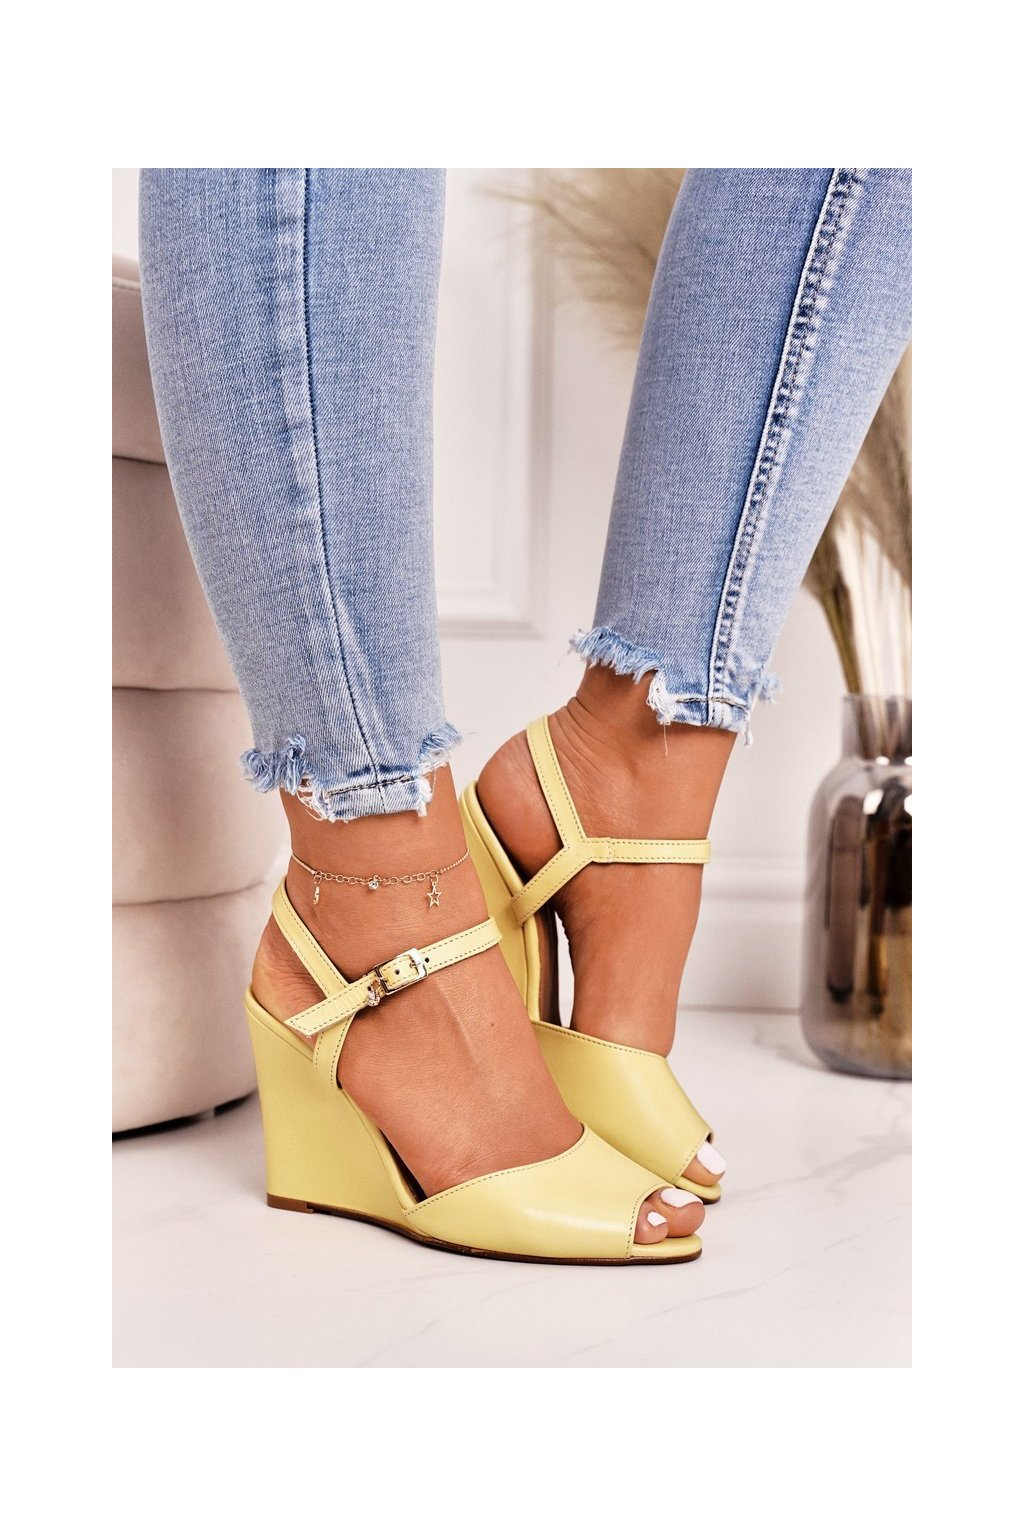 Dámske sandále žlté s platformovým podpätkom 2253 118 YELLOW